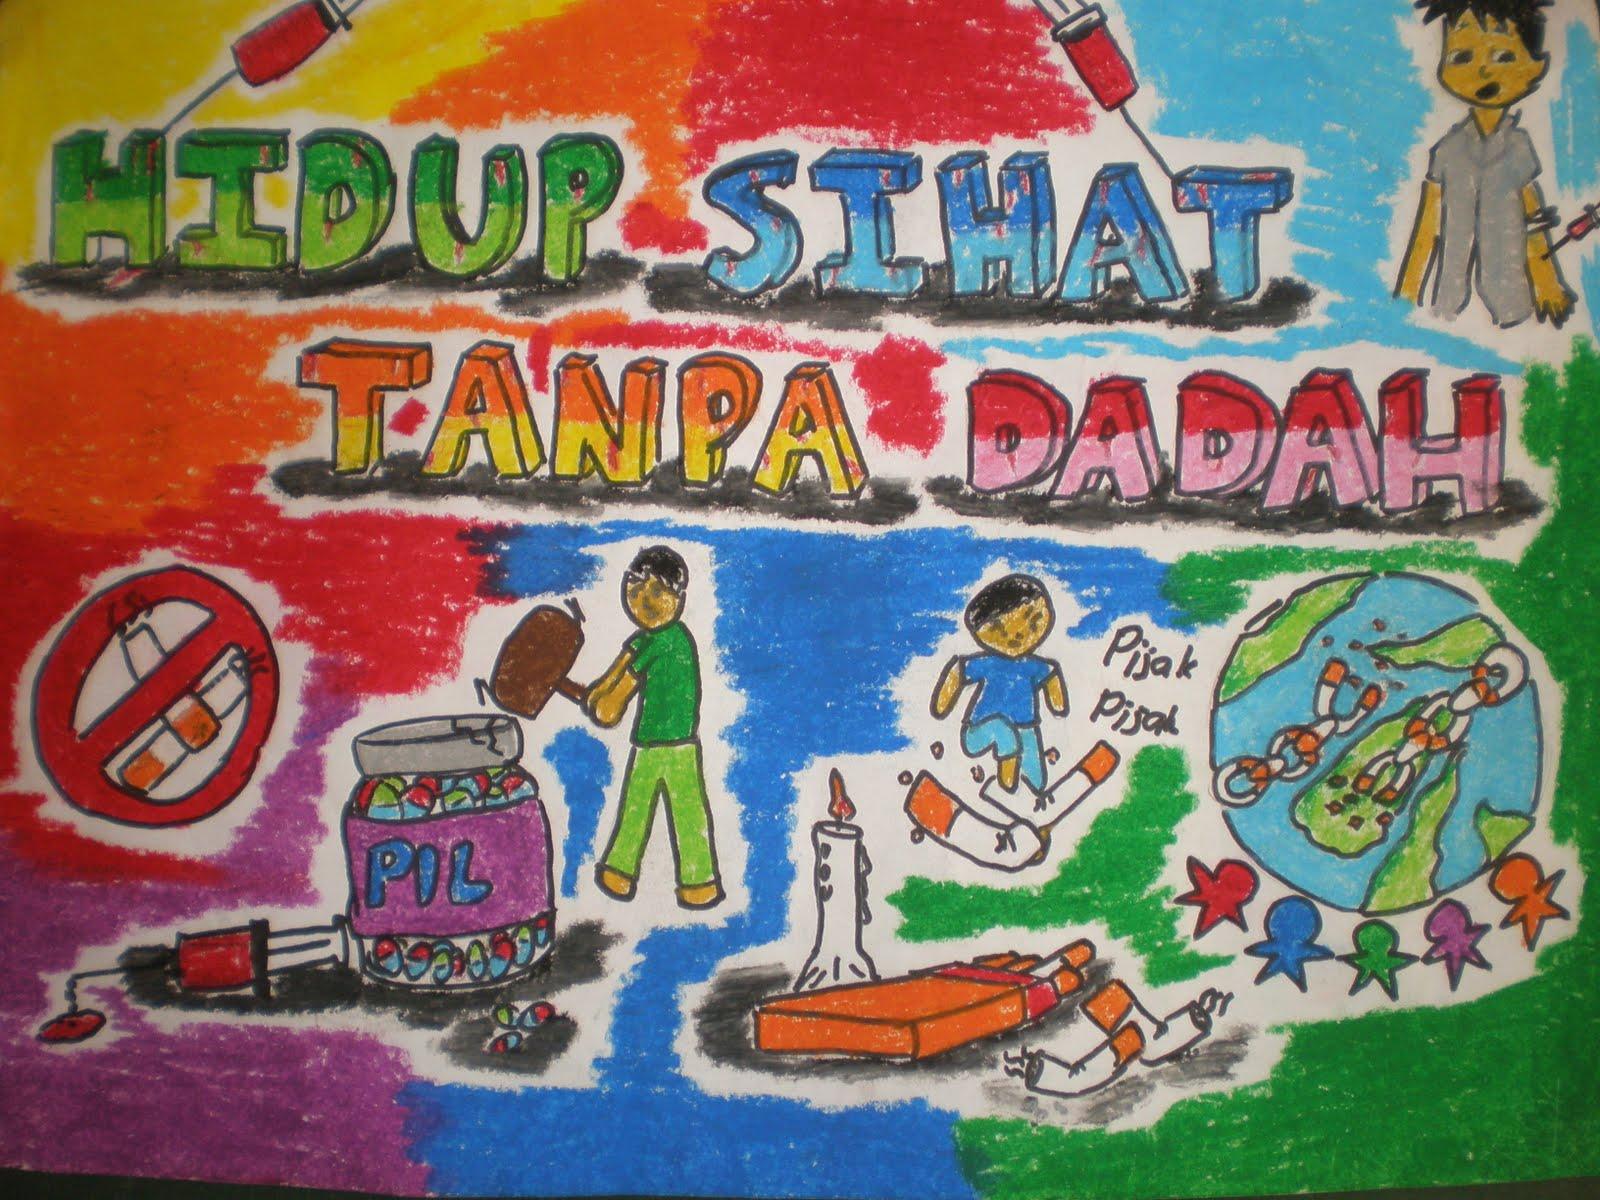 Poster dadah musuh negara images for Mural sekolah rendah